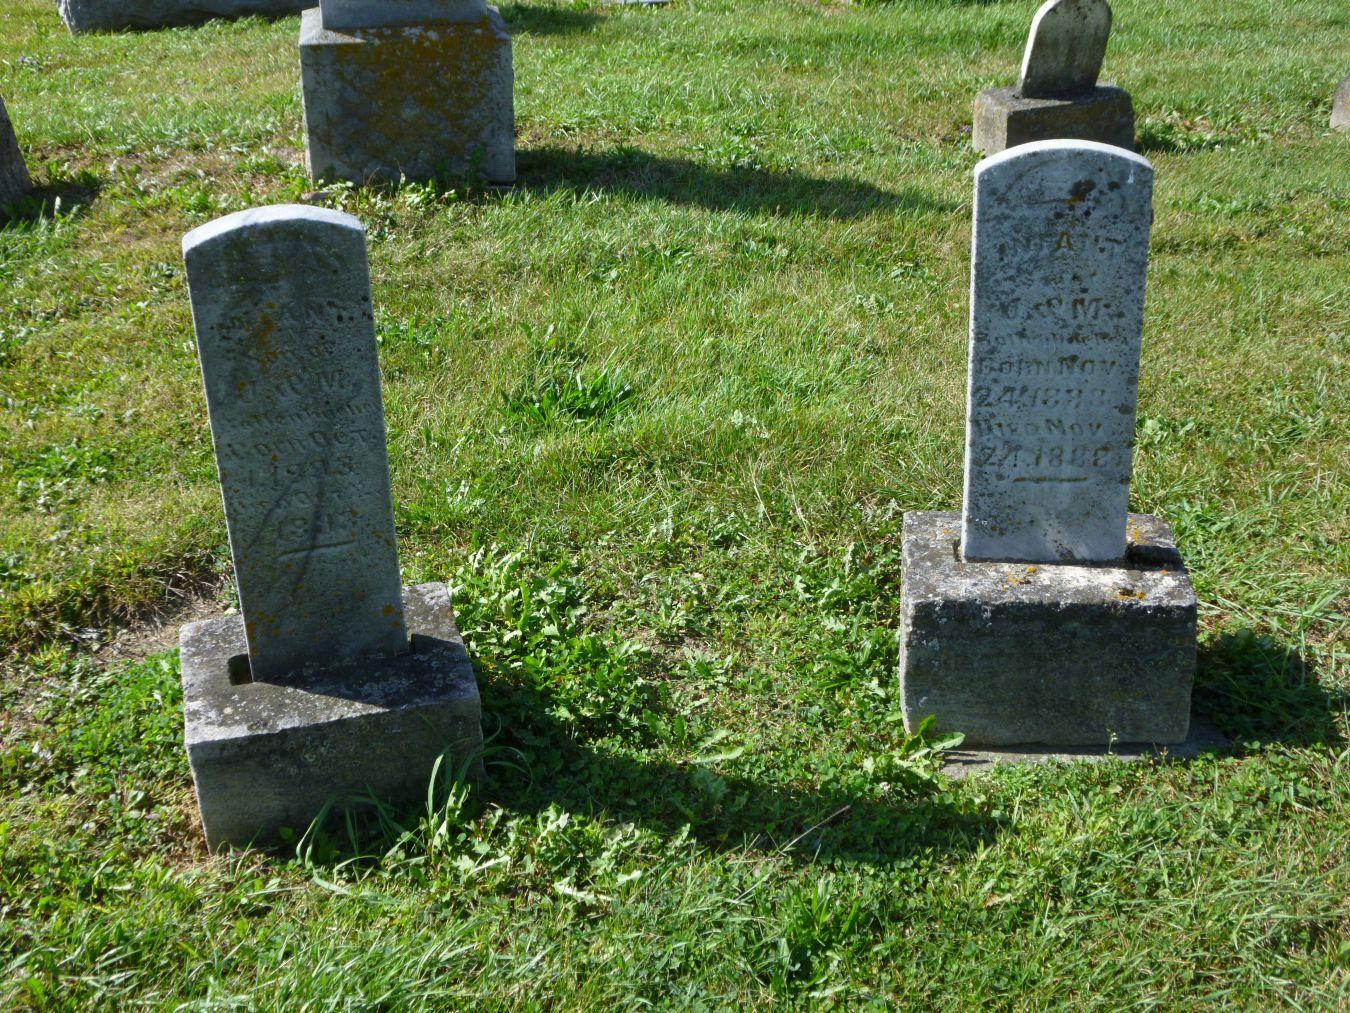 Ohio mercer county rockford - Infant Sons Of J M Bollenbacher Kessler Cemetery Mercer County Ohio 2017 Photo By Karen